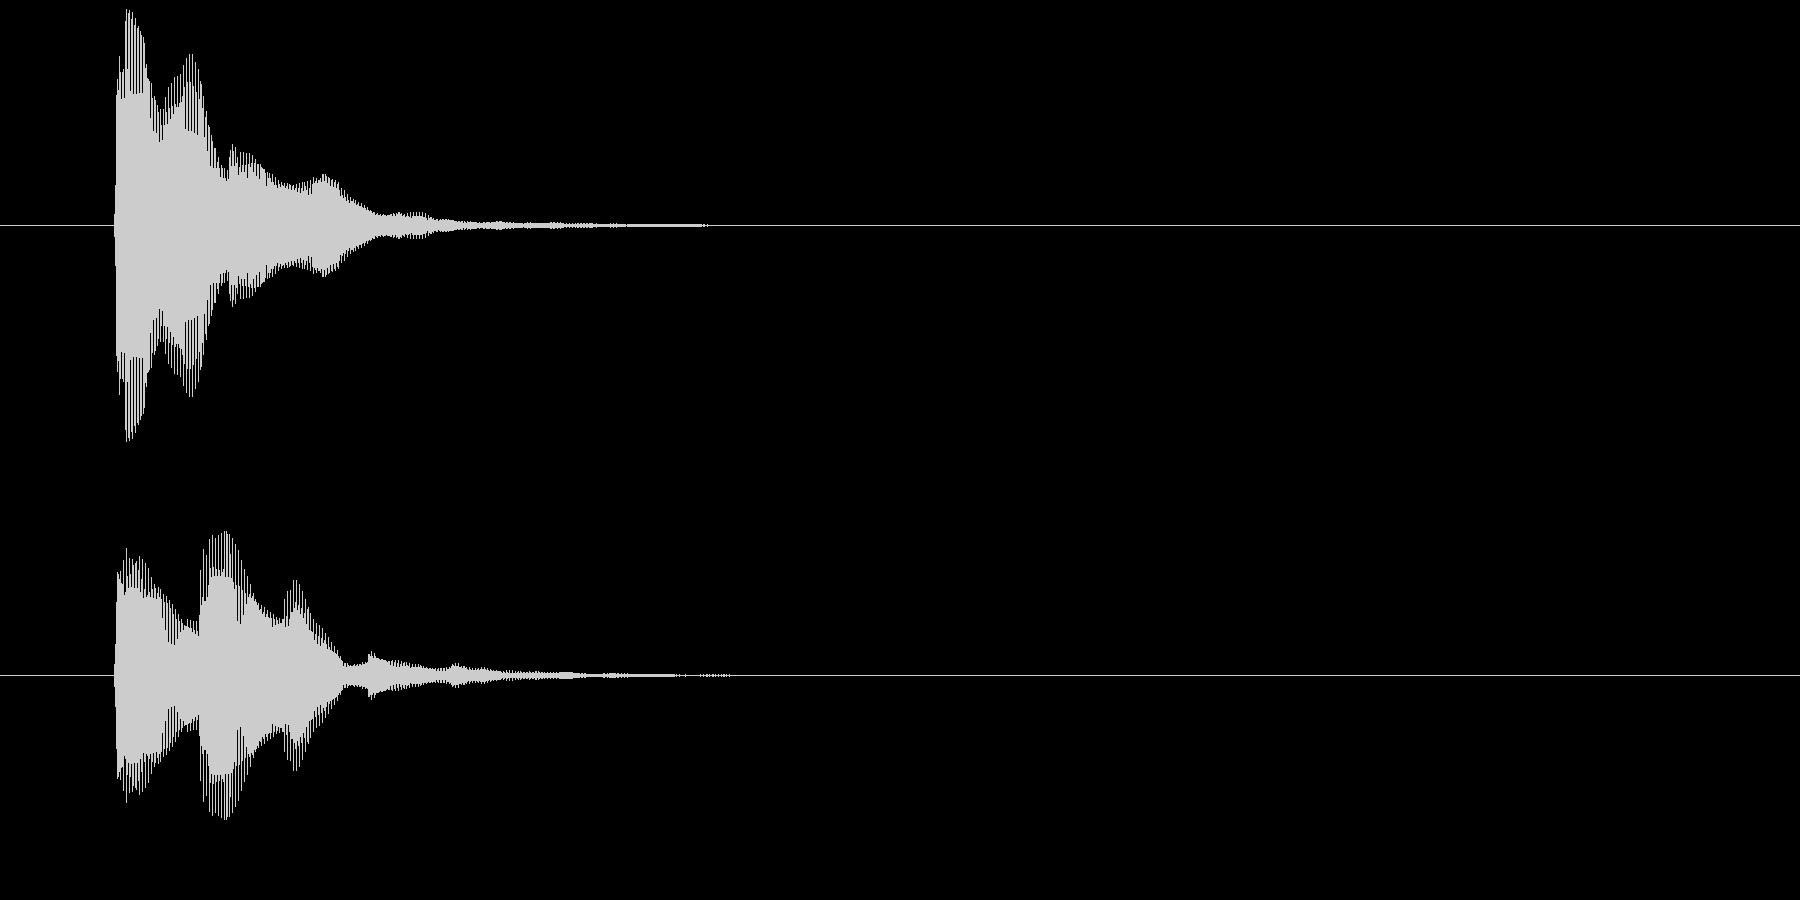 シンプルな決定音 ピコーン ゲームの未再生の波形